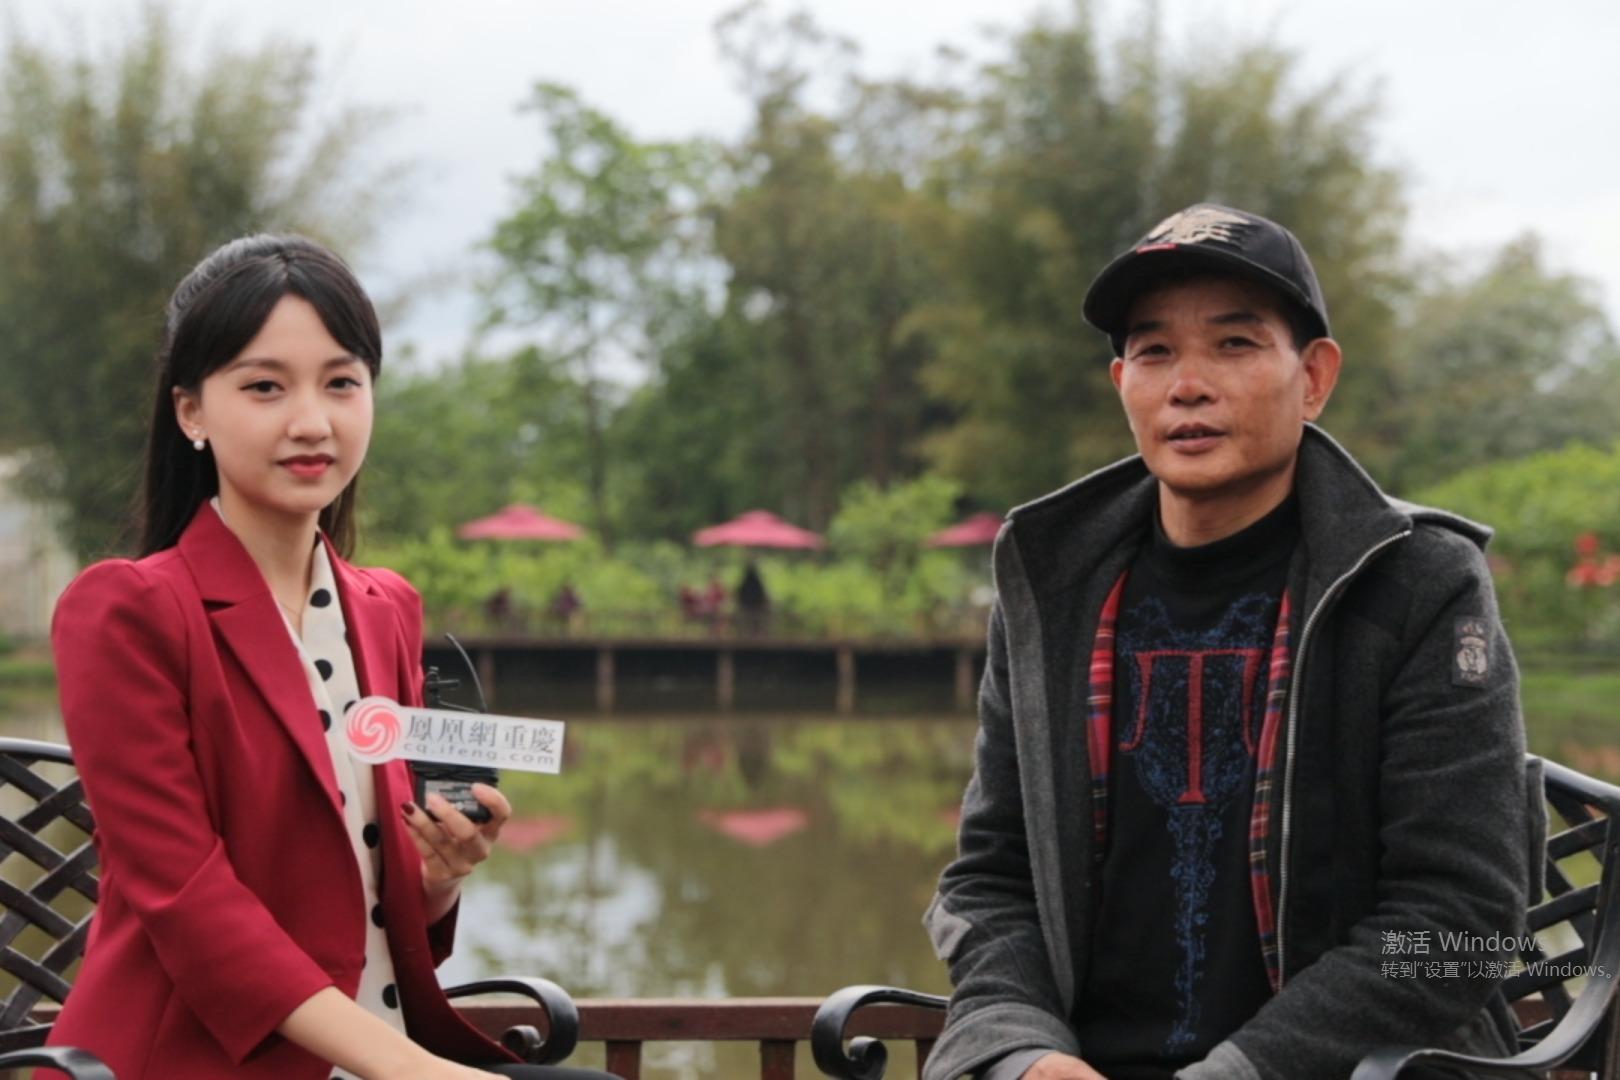 采访丨重庆潼南桑葚采摘园负责人介绍本届小龙虾节的丰富活动